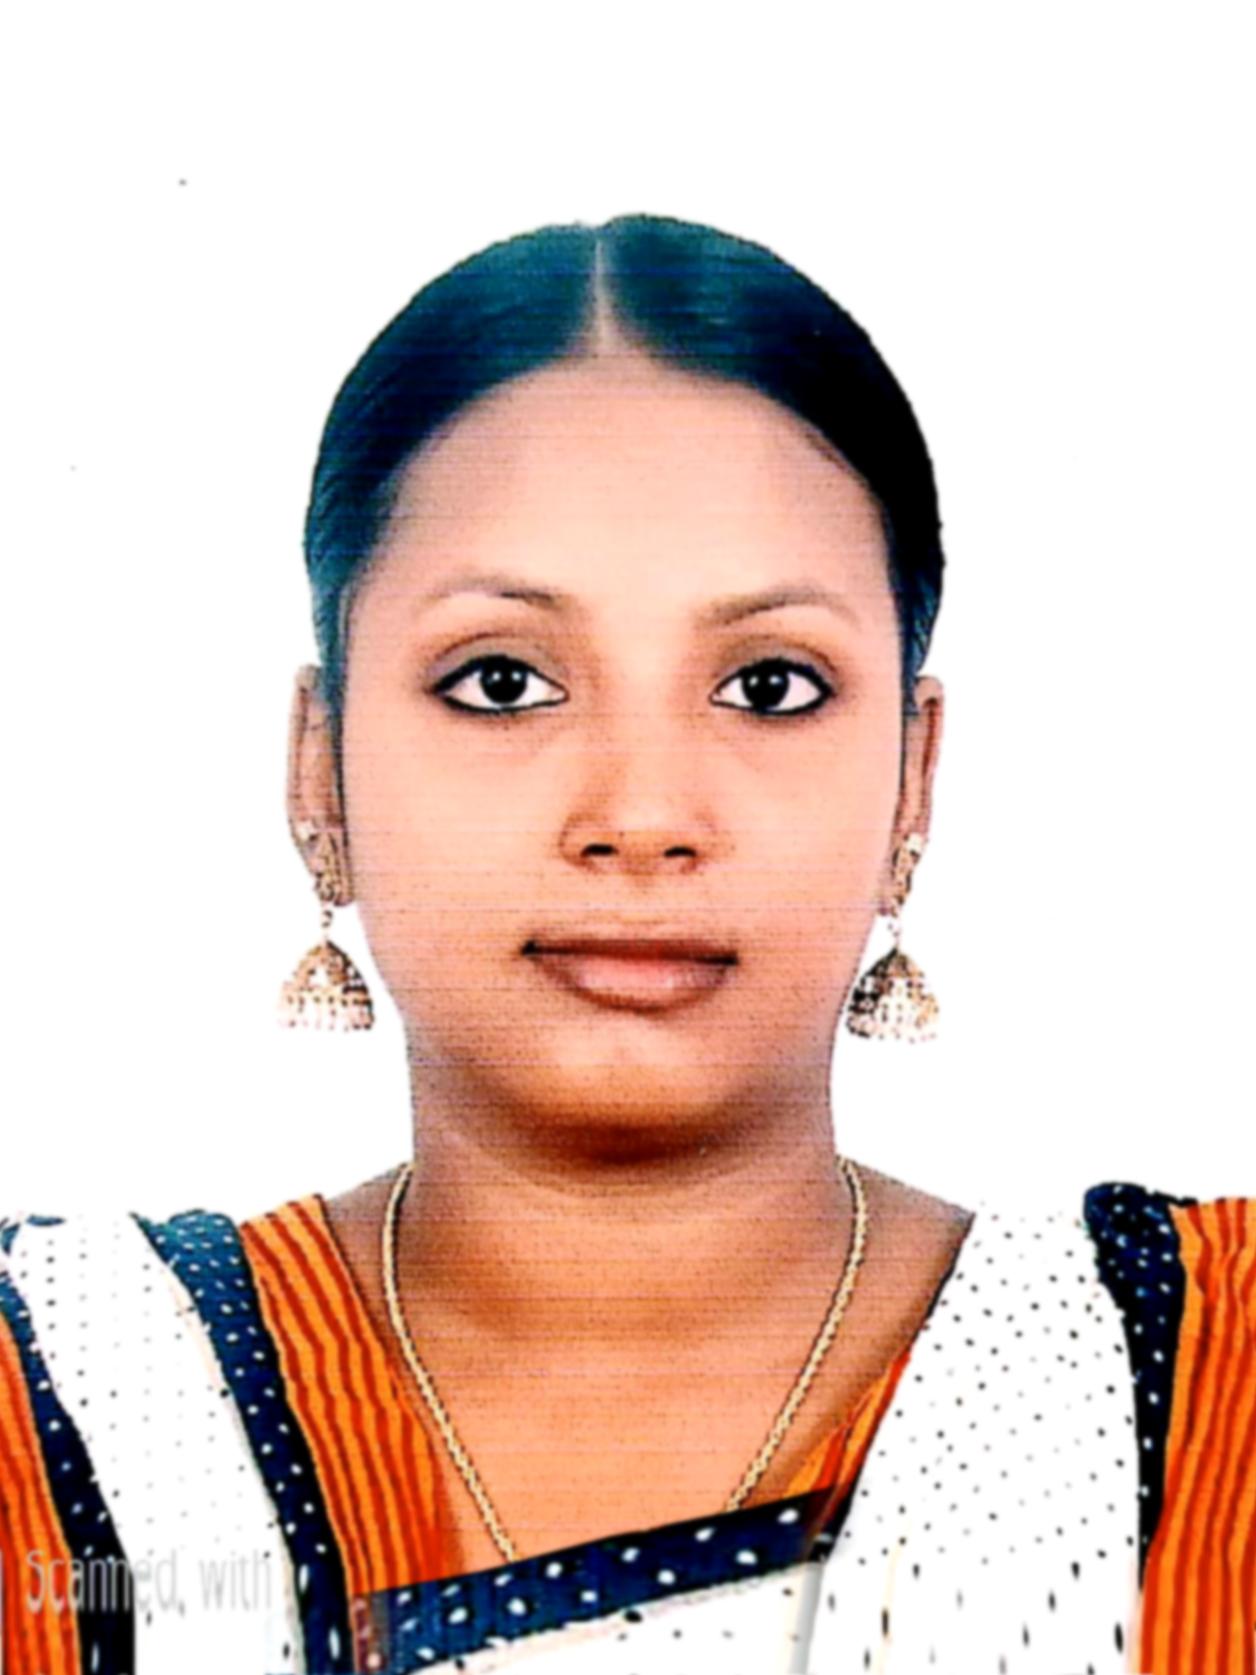 Madhubala E(831500108)M.SC(CS)April 2017-Rank 59